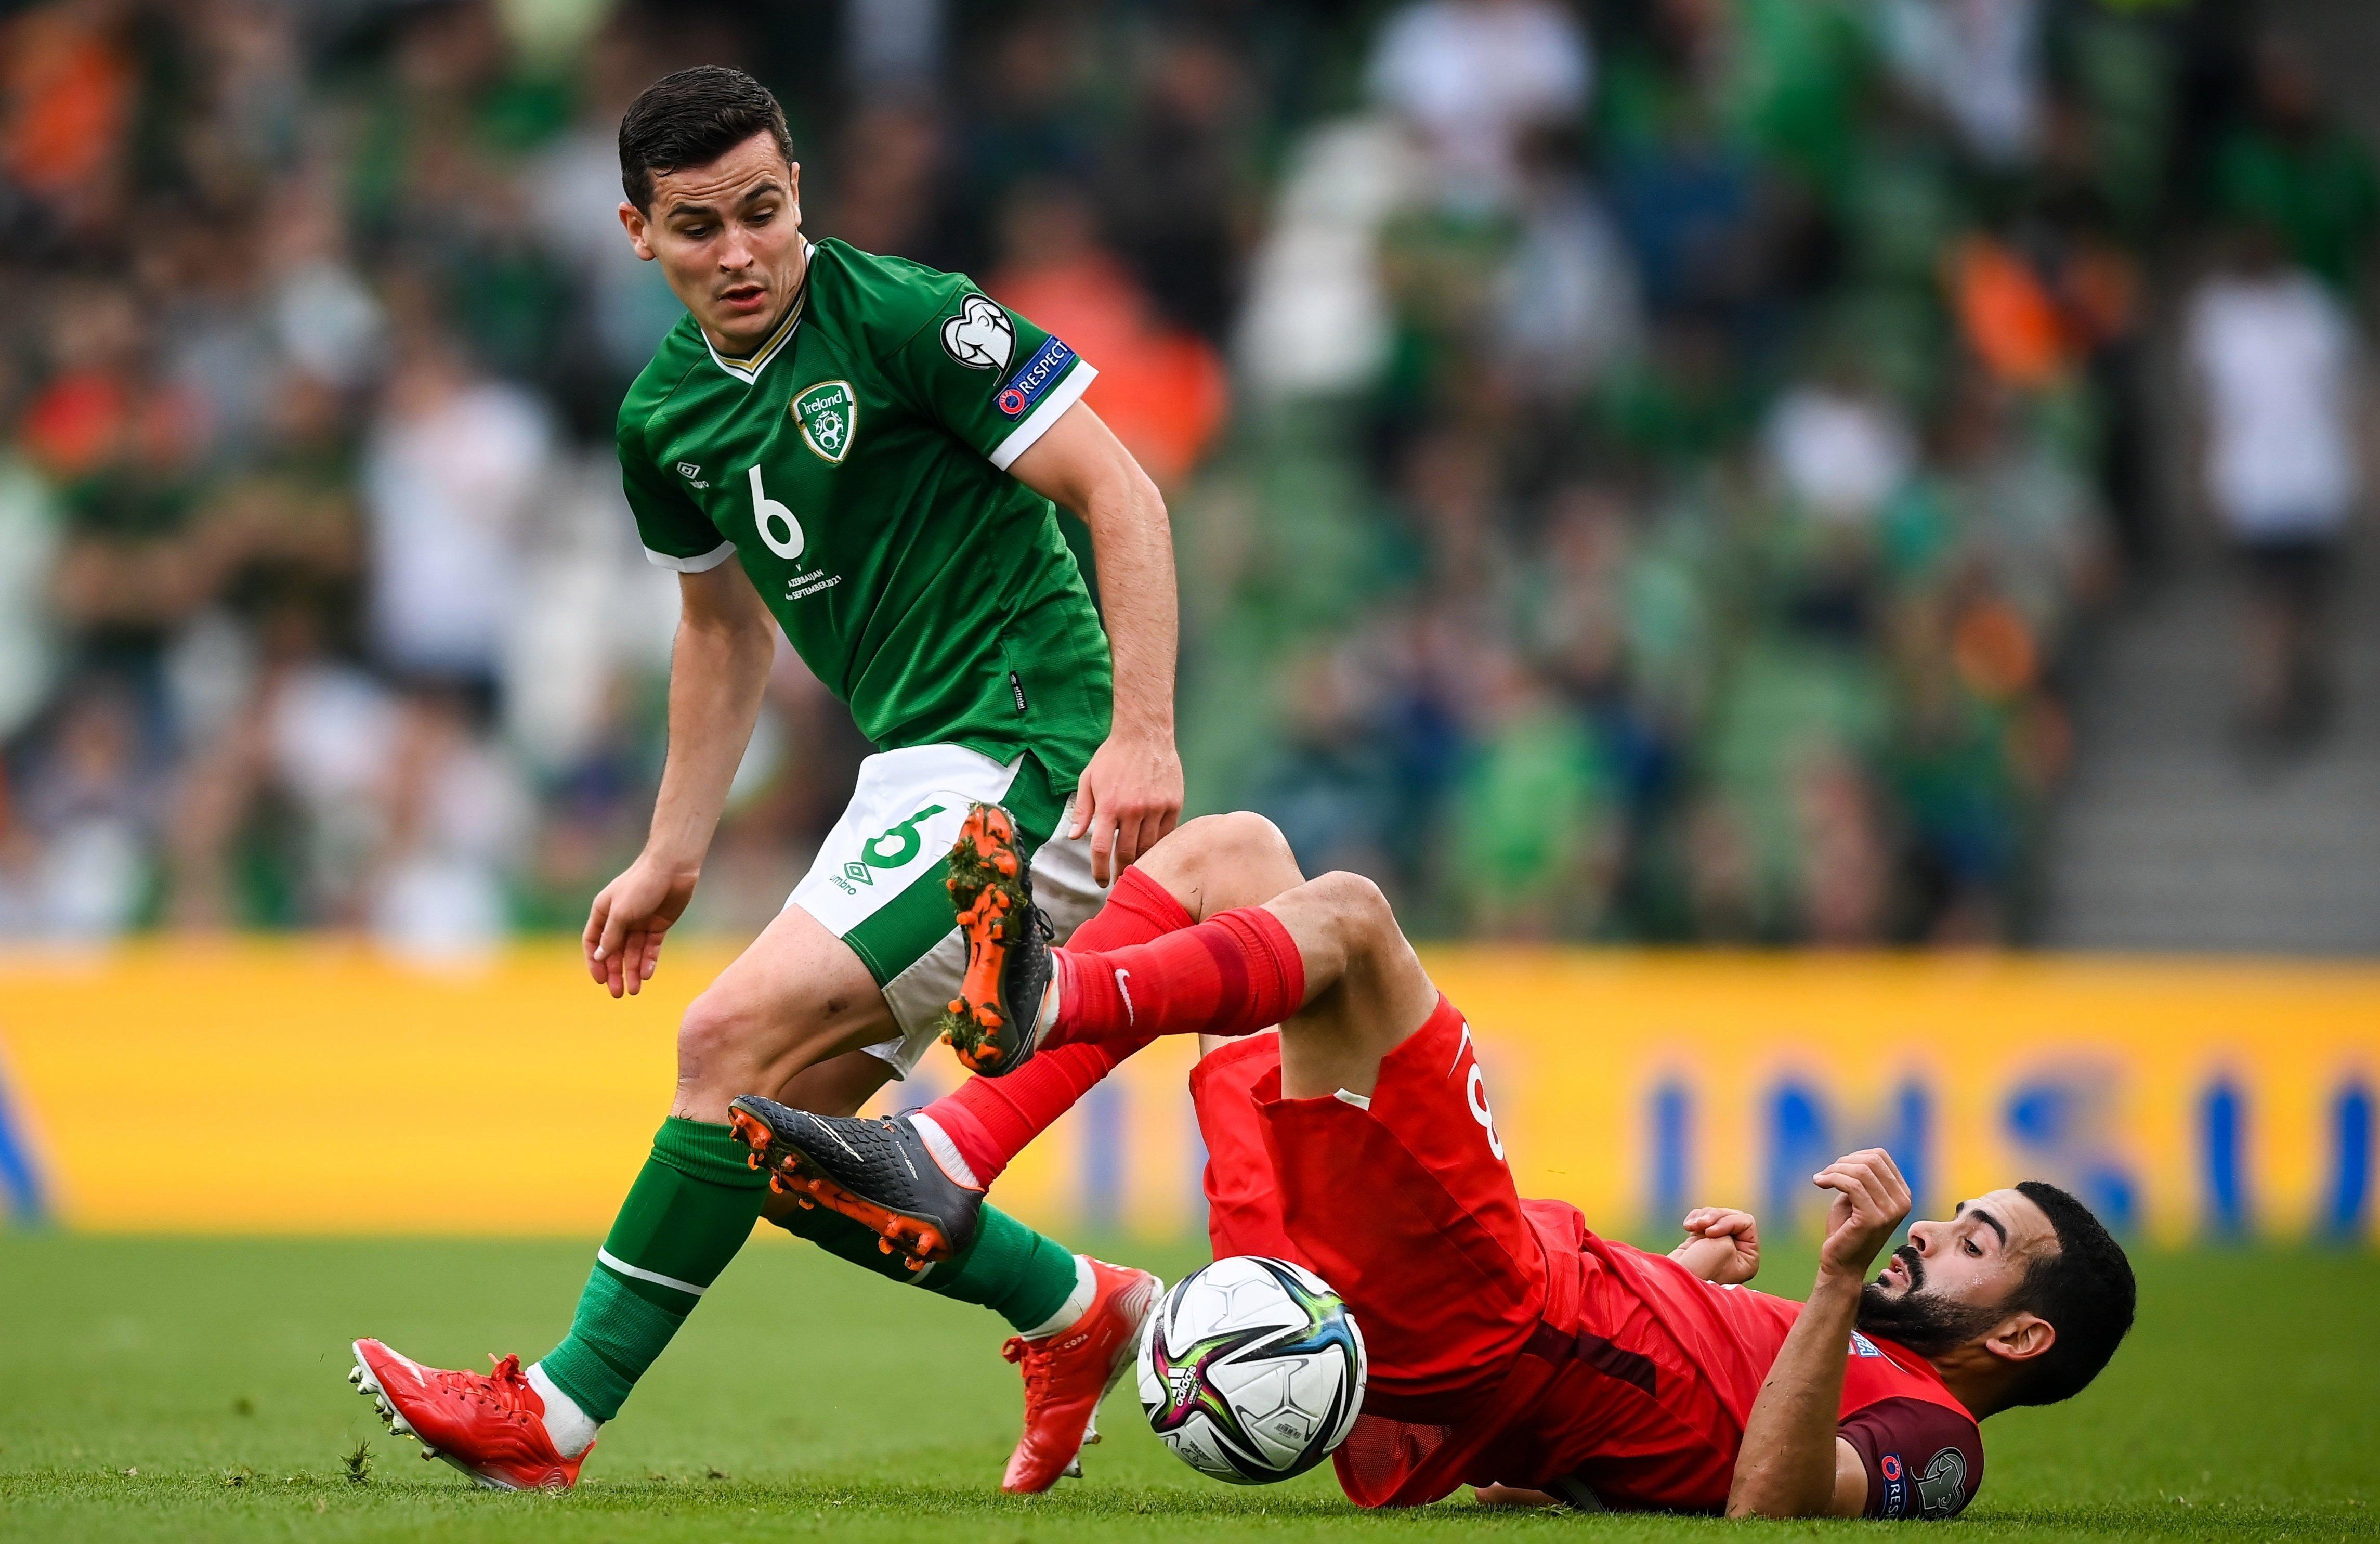 Necə manat ödəyib, İrlandiya ilə oyuna baxmaq olar?